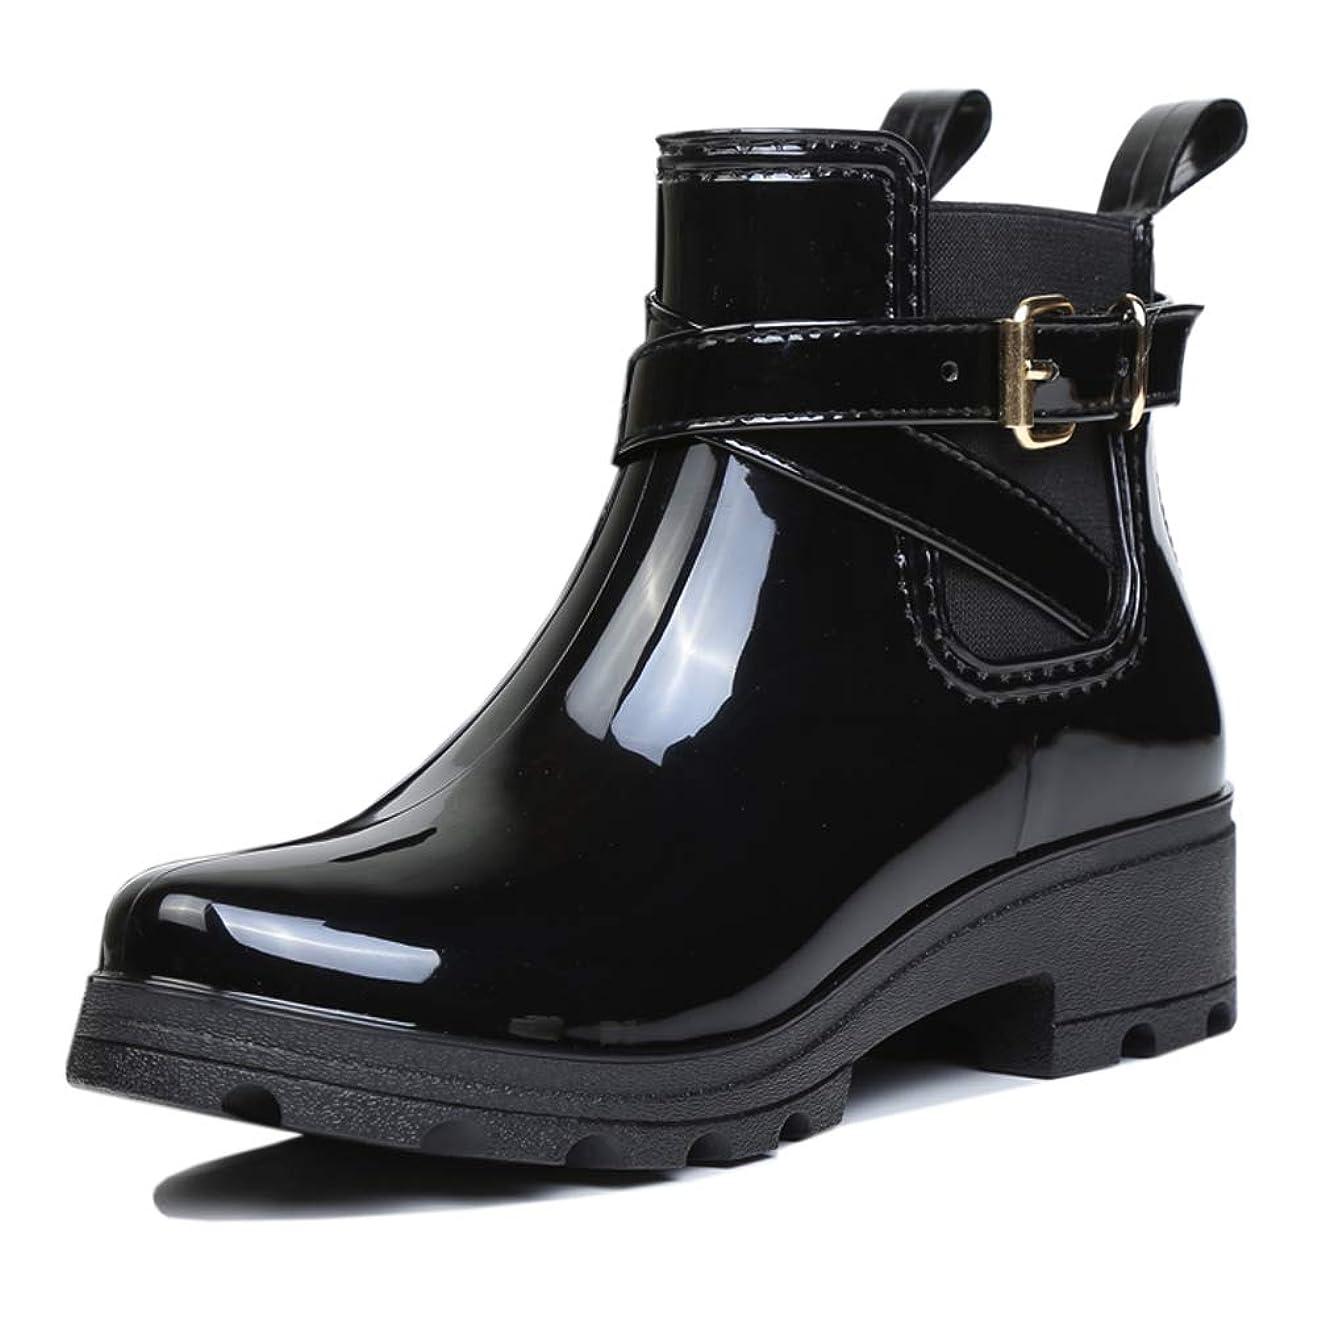 半球投資帰る[uirend] Shoesレインブーツ レディース ウェリントンブーツ ラバーブーツ アンクルウェルズ ファッション ショート 防水 UK4-7(23.5~26.0㎝あり) サイズ(